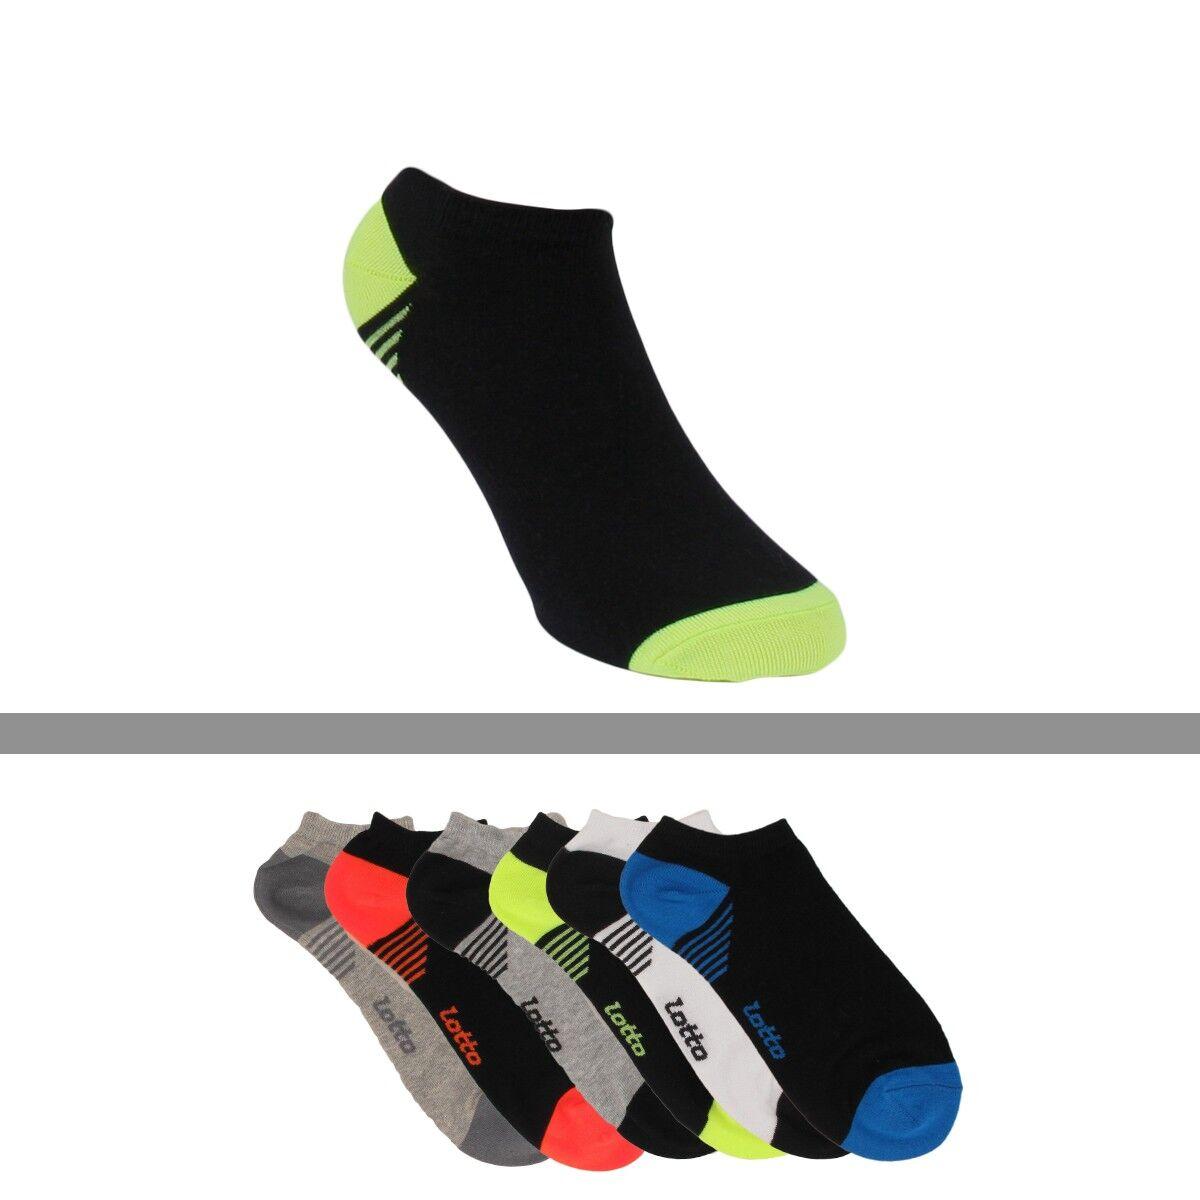 chaussettes courtes sport homme lotto lot de 6 lotto. Black Bedroom Furniture Sets. Home Design Ideas